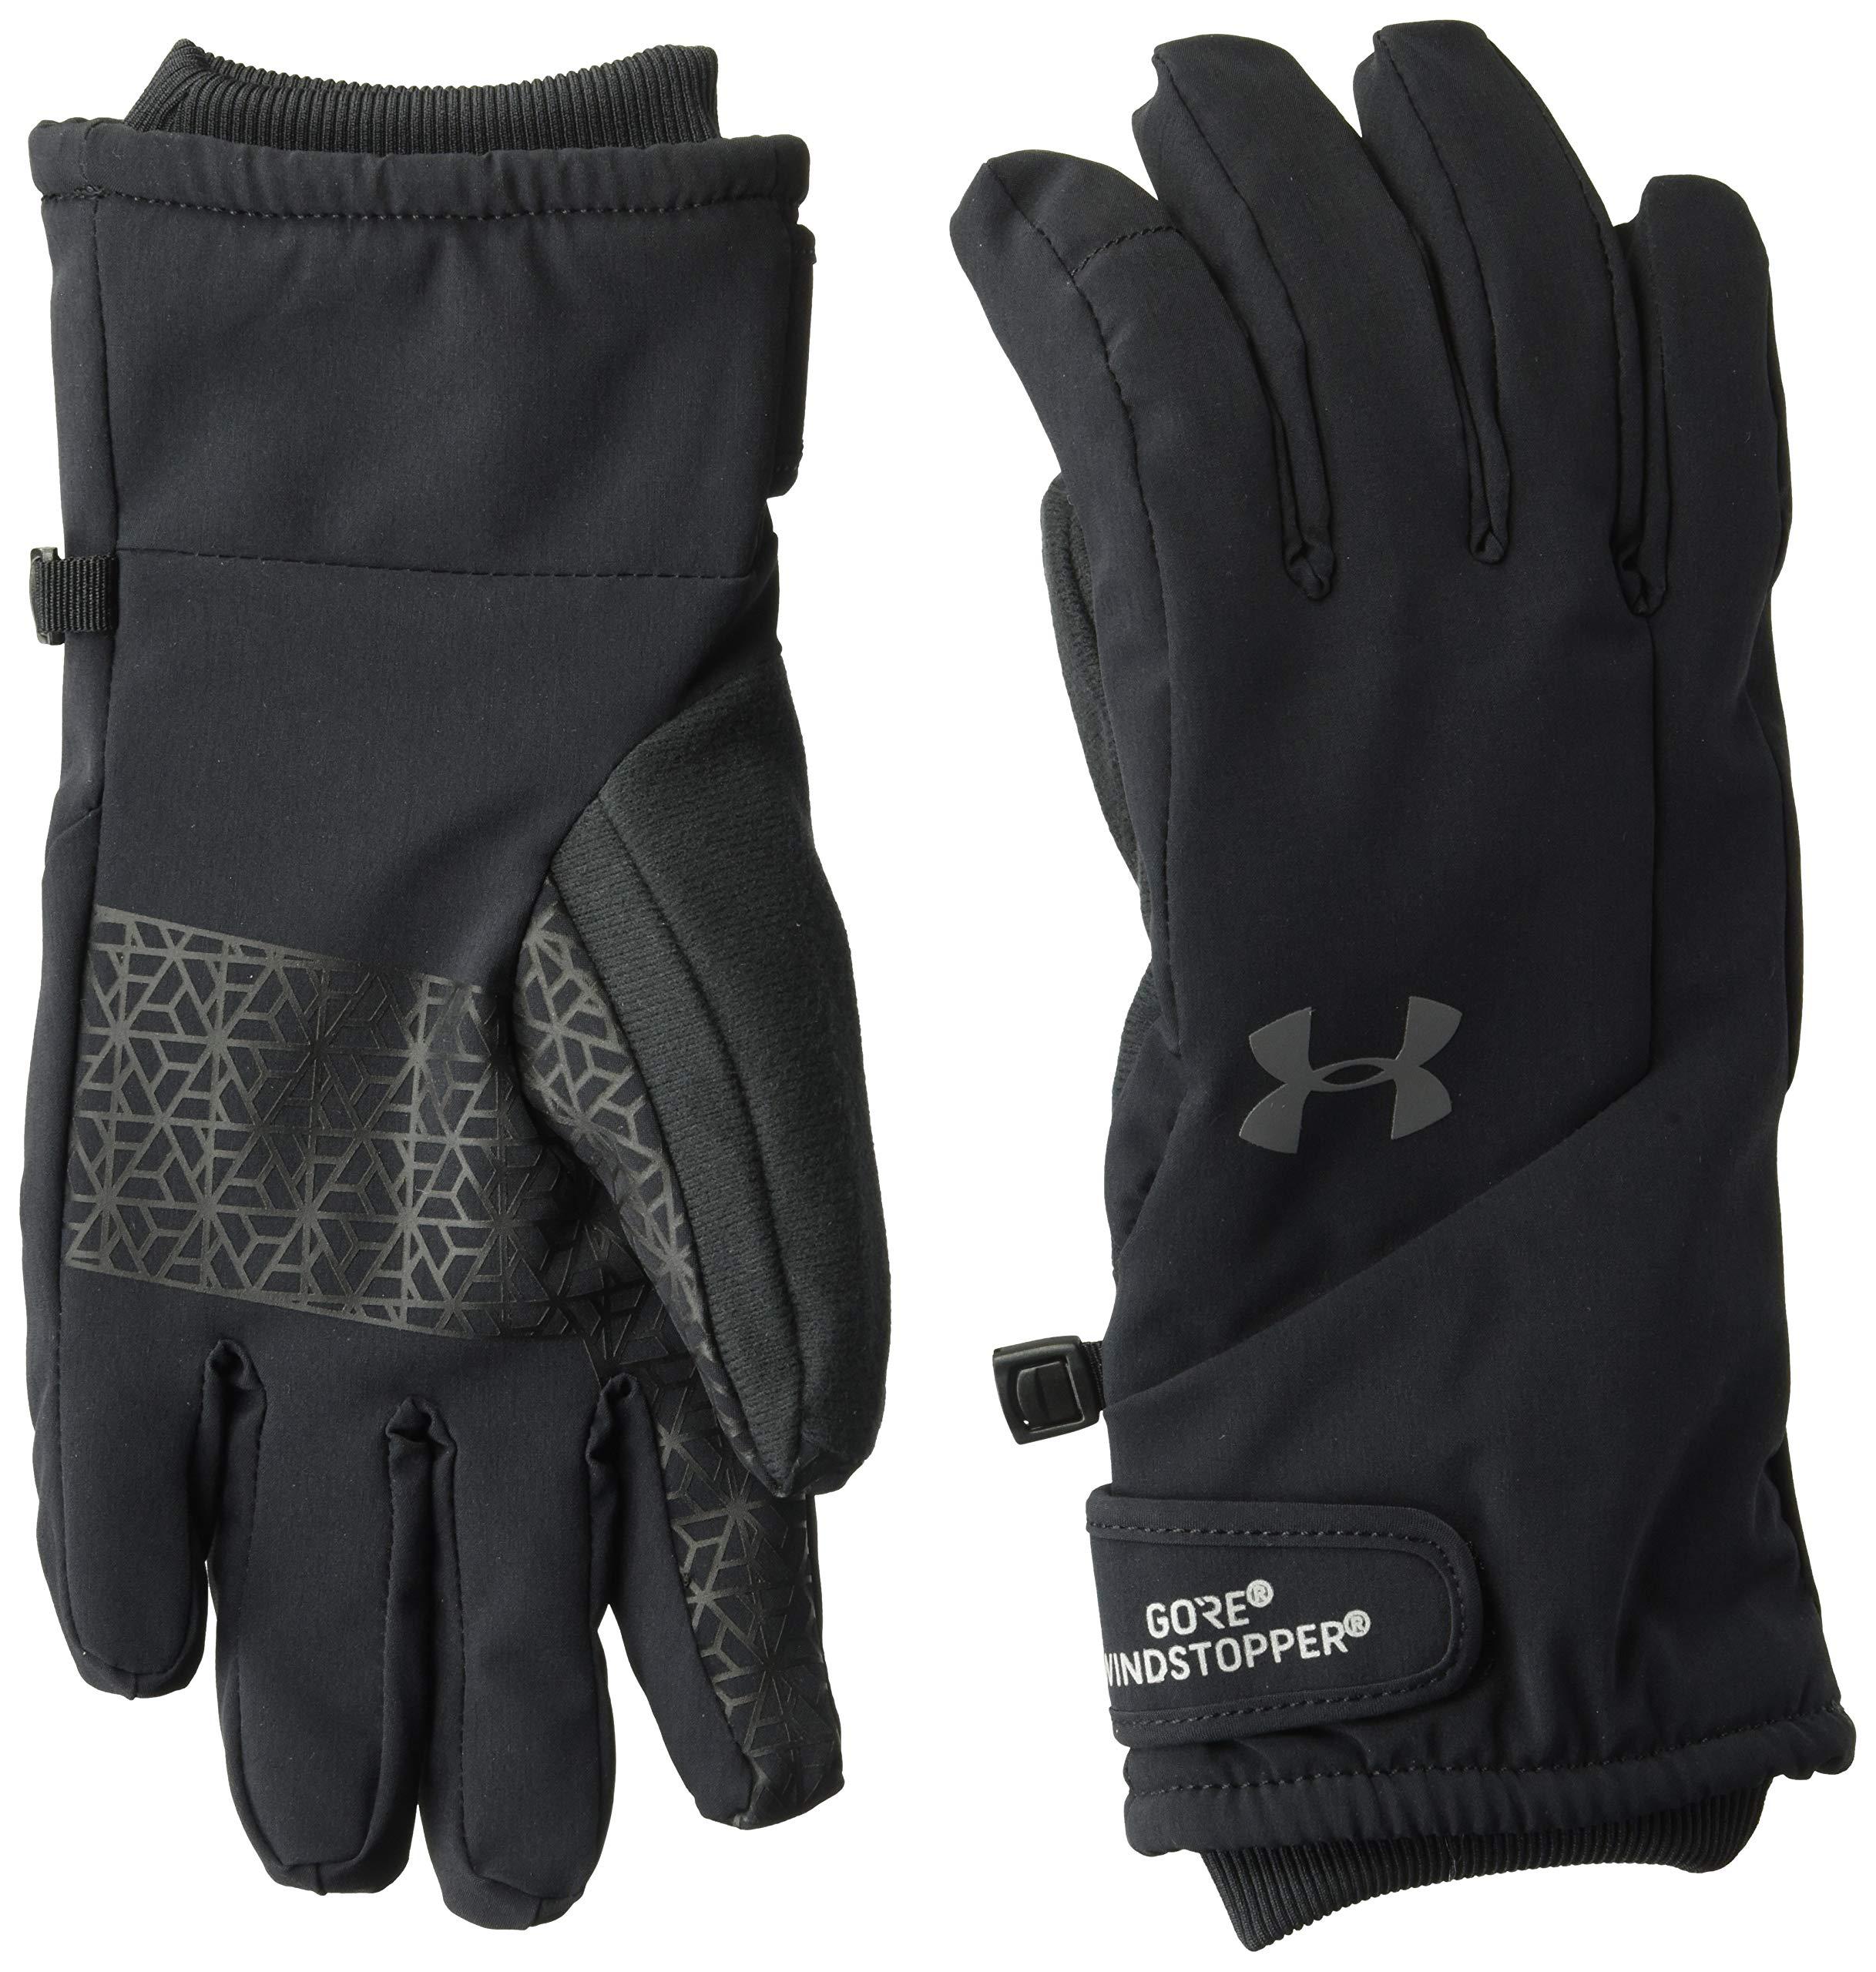 Under Armour Women's Windstopper Glove, Black (001)/Graphite, Medium